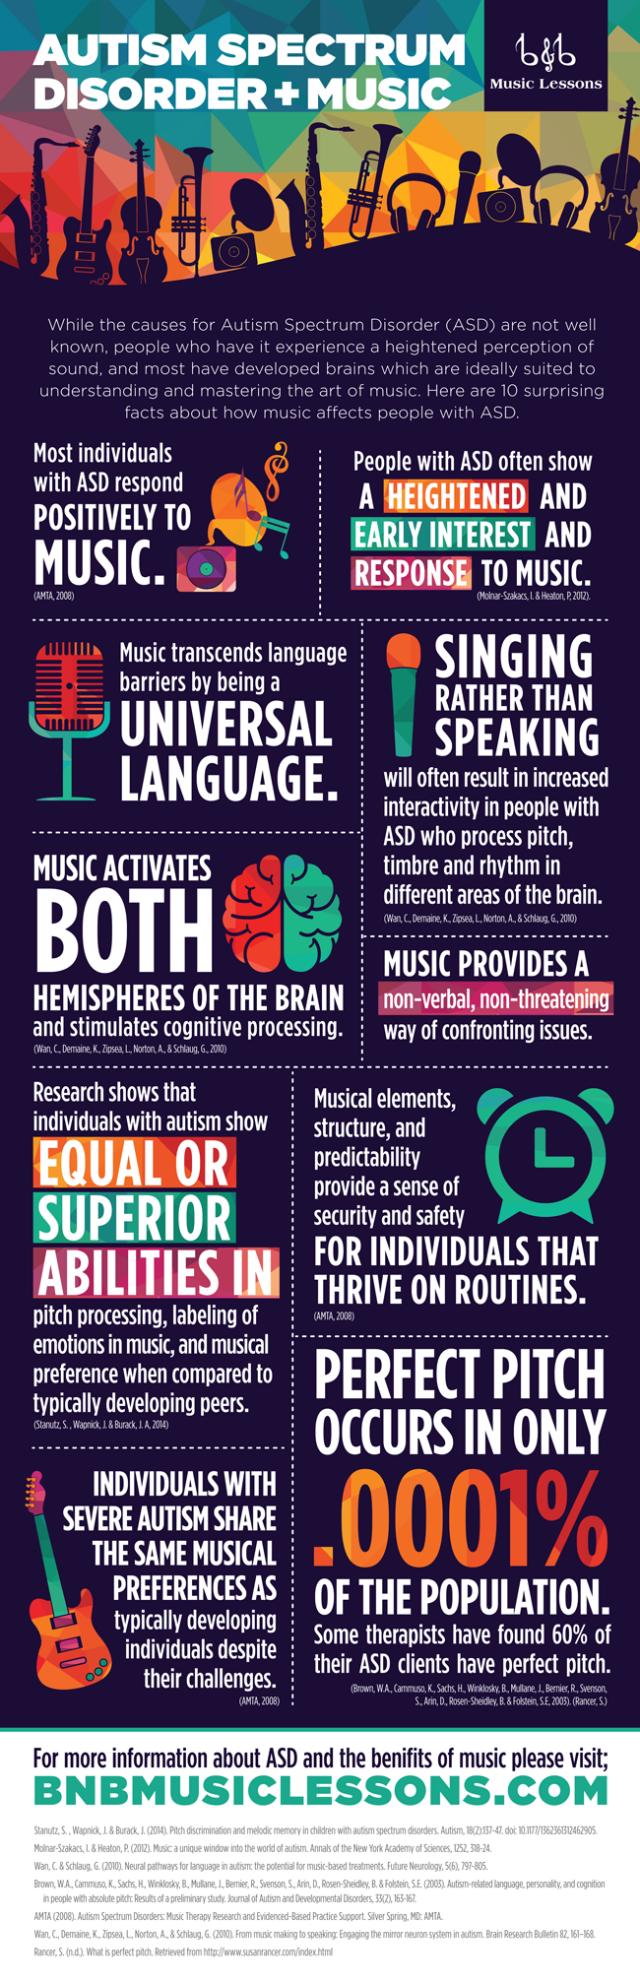 10 hechos sobre la música y el trastorno del espectro autista